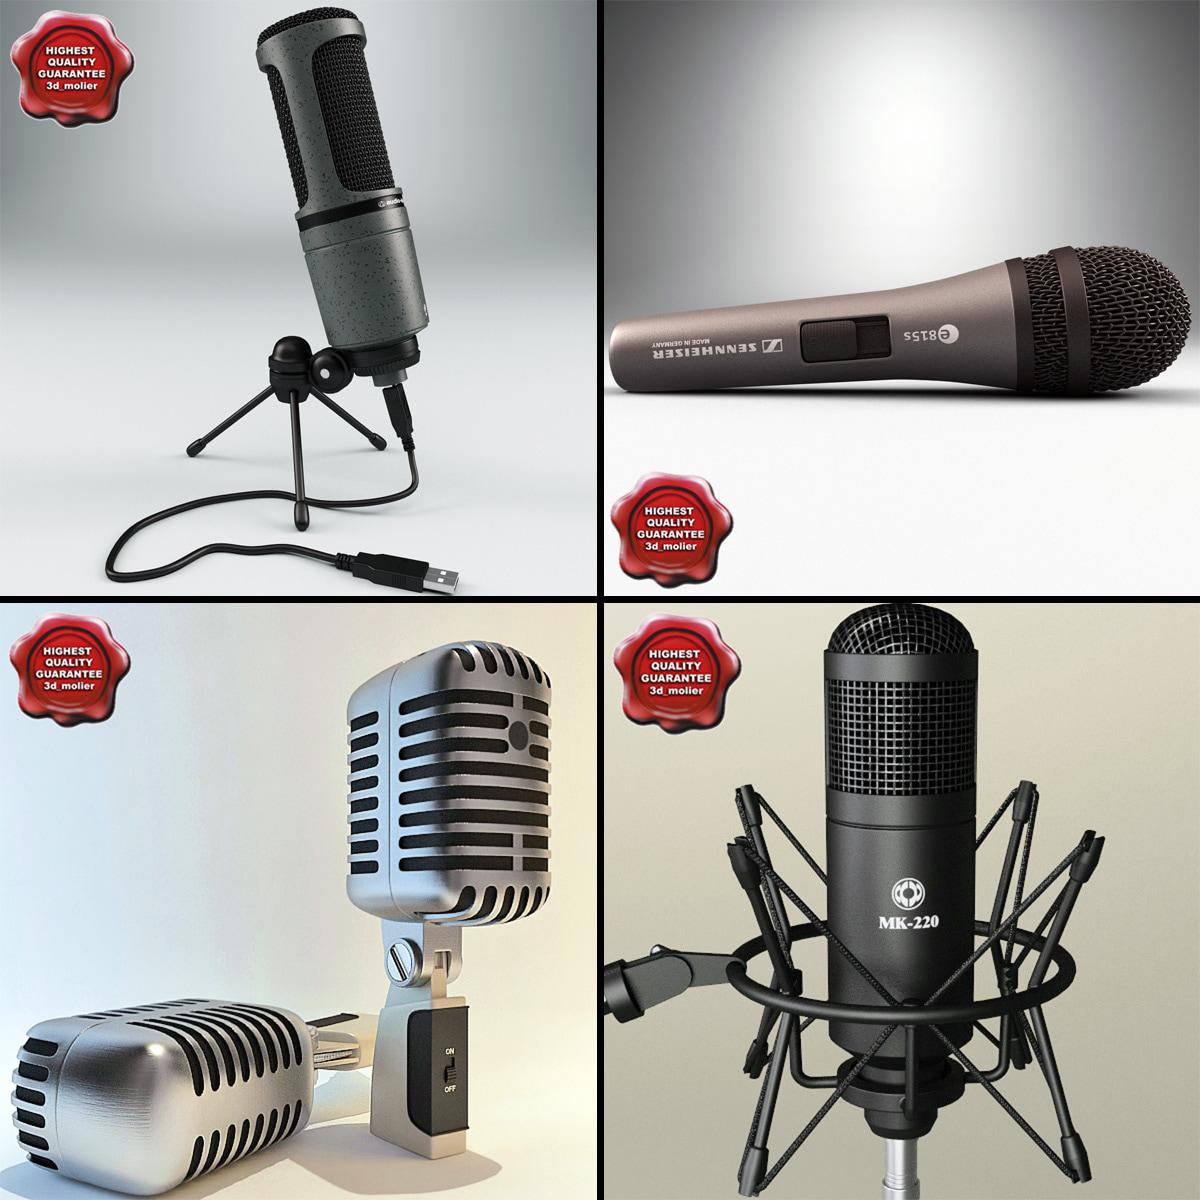 3d microphones condenser usb